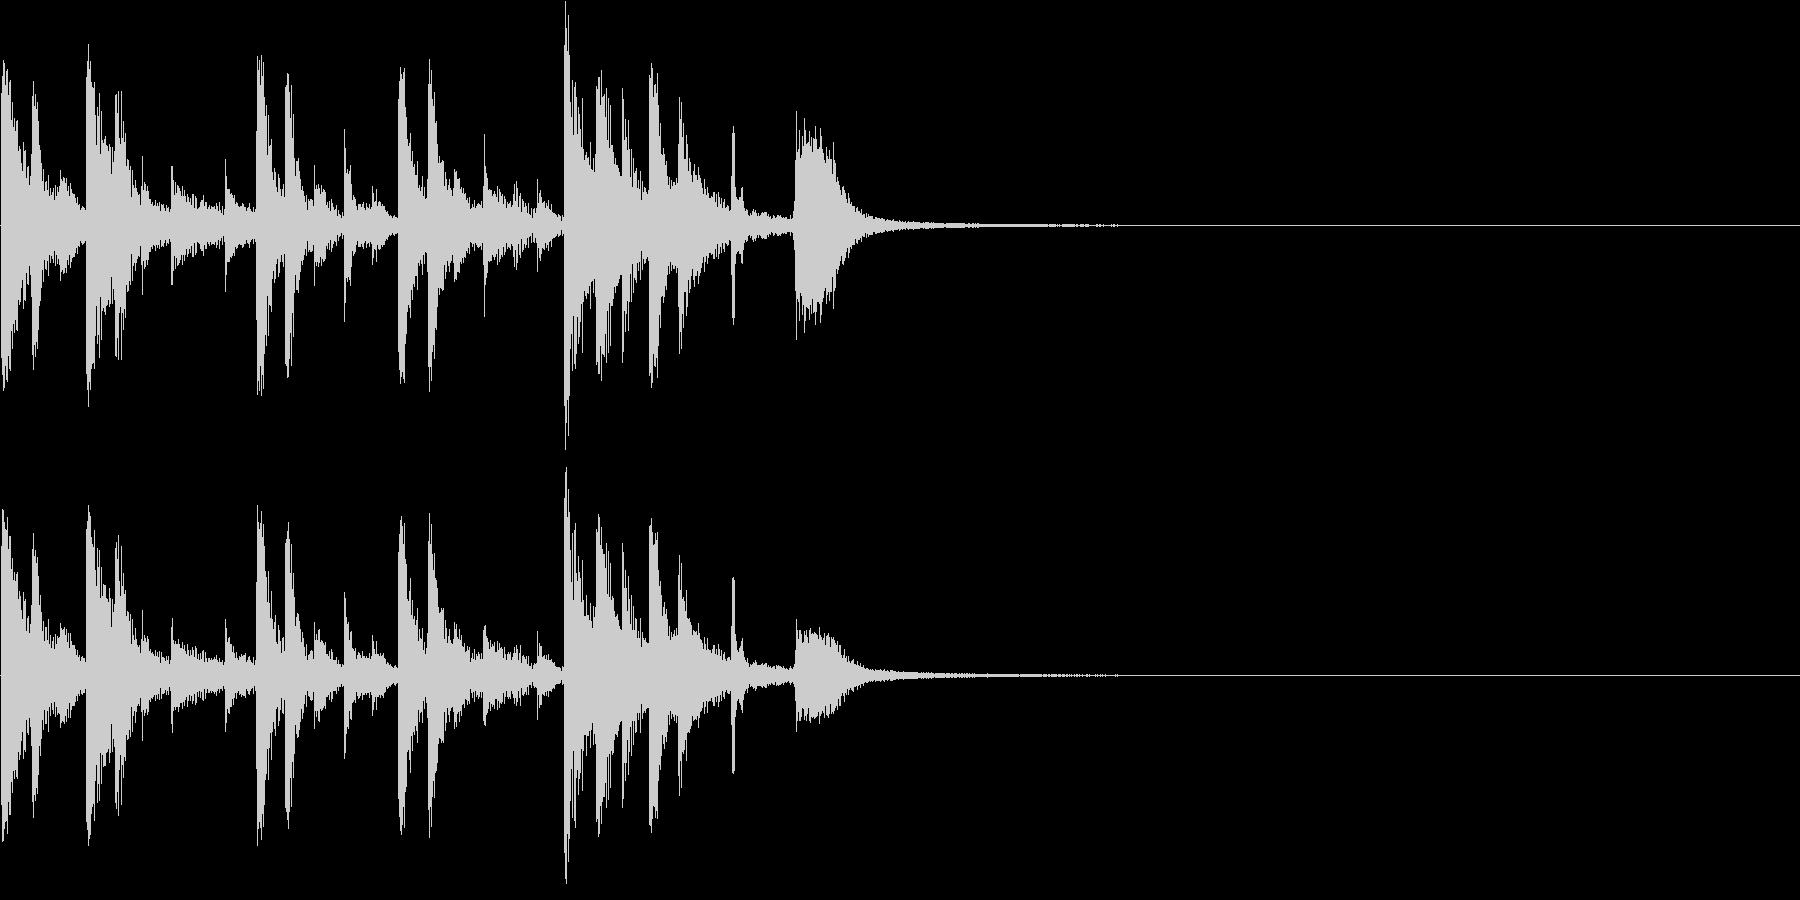 ドラム:ドラムフィルまたはコメディ...の未再生の波形